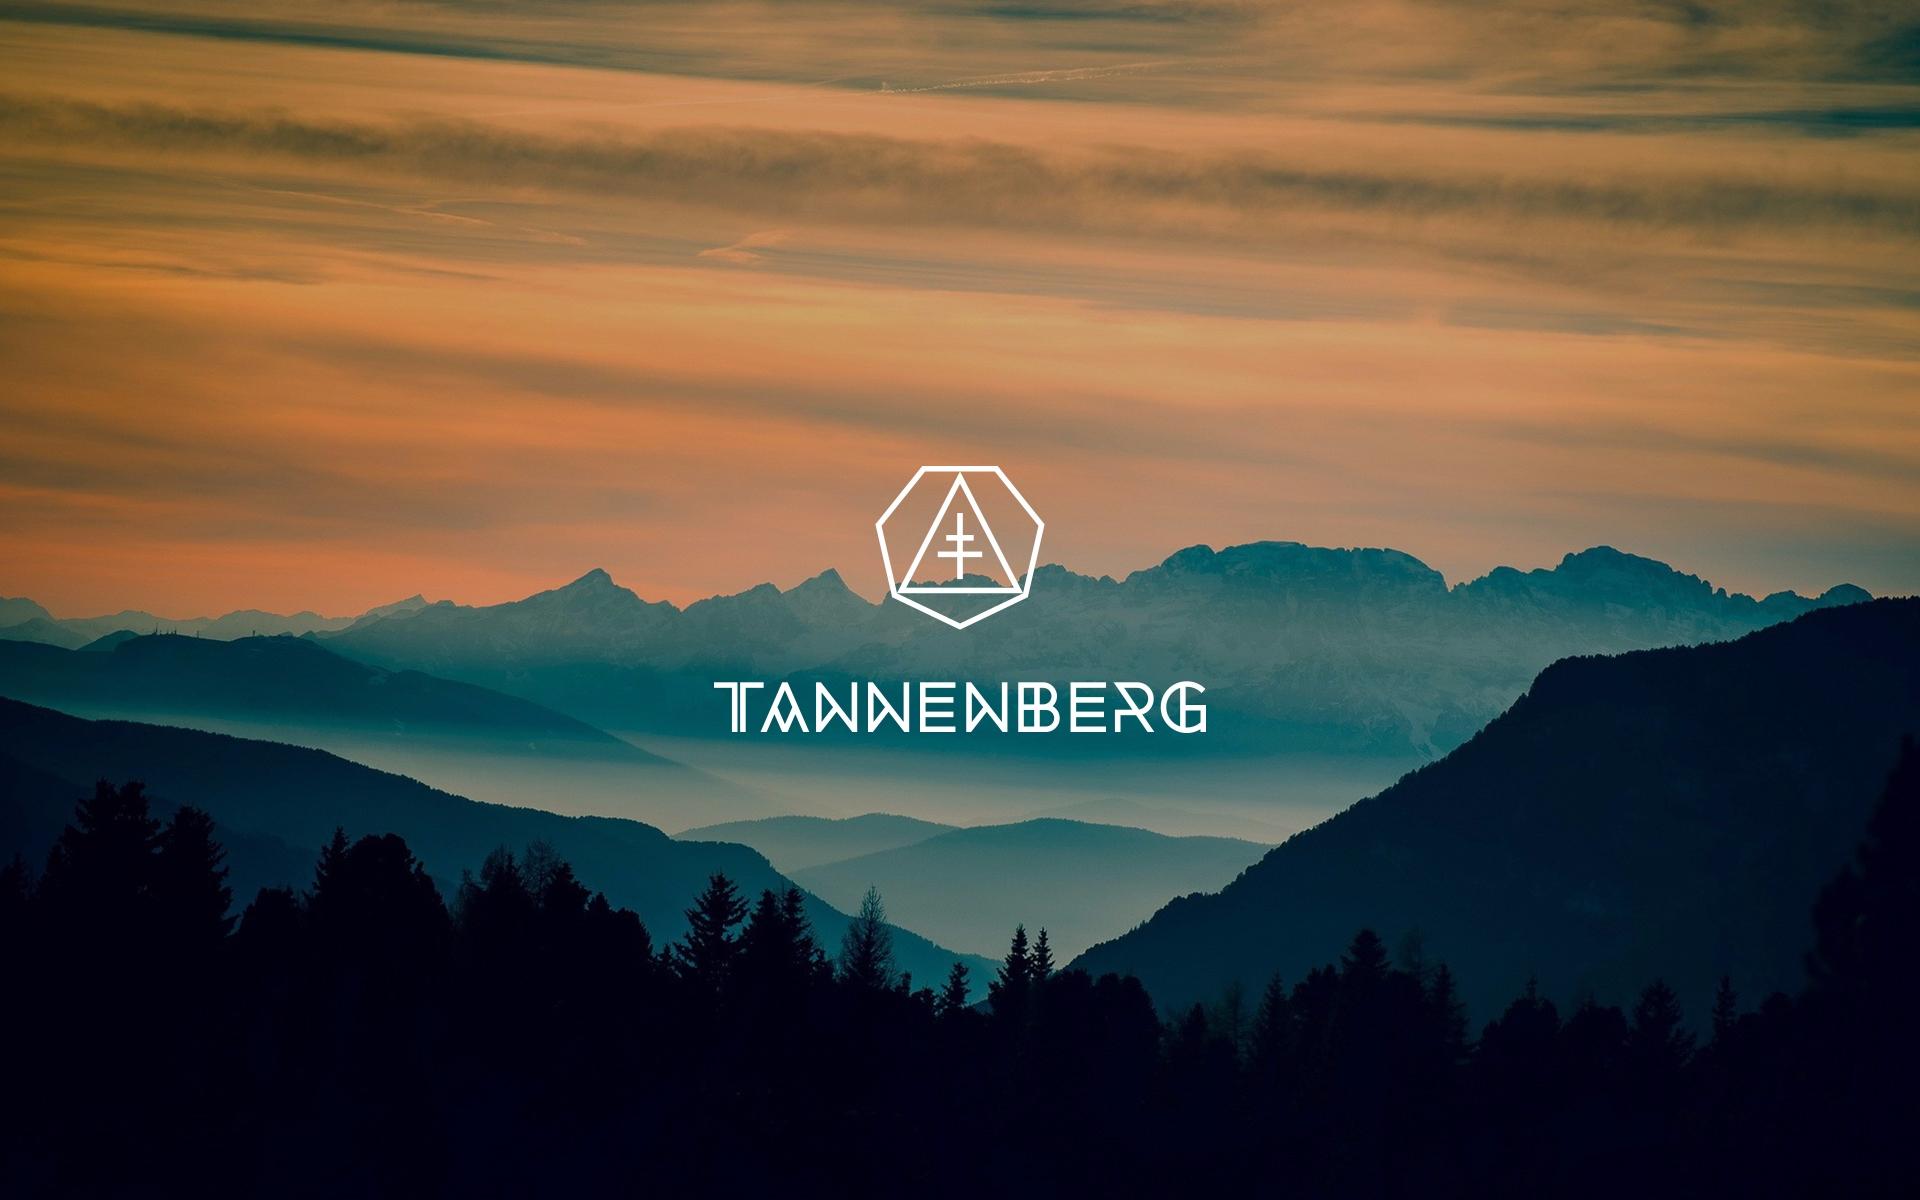 Max Tannenberg @ Ello